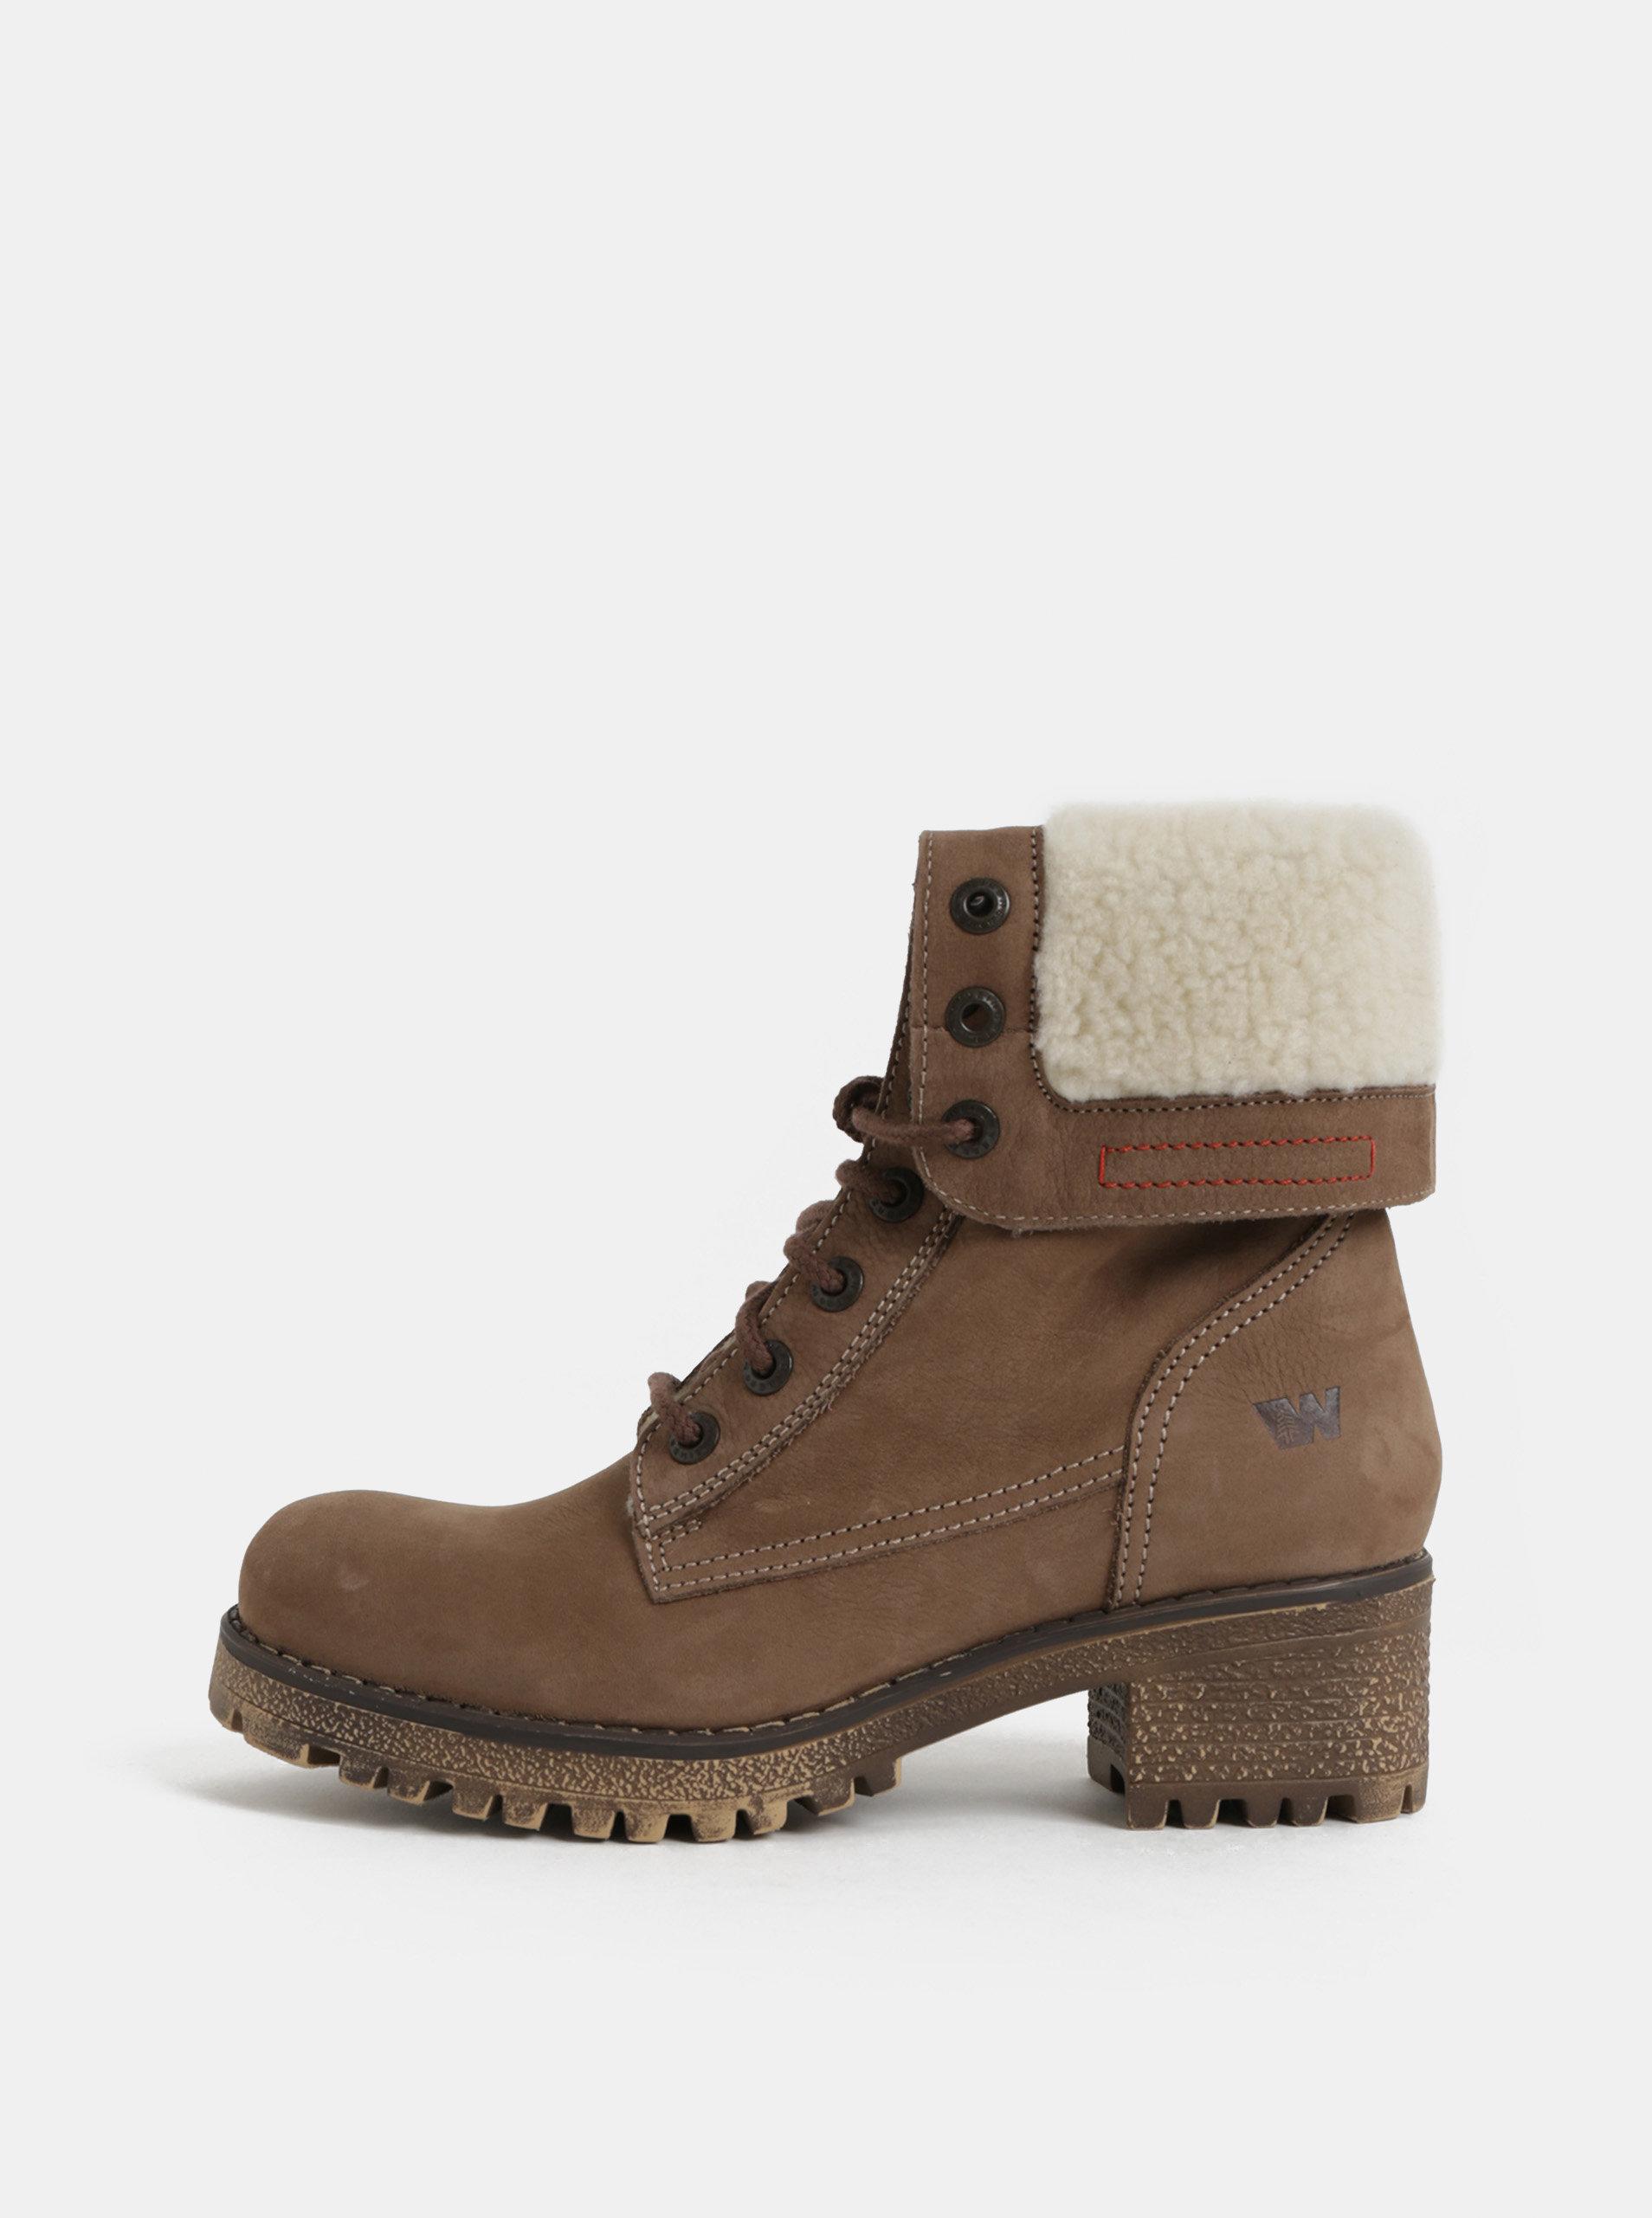 Hnedé dámske kožené členkové zimné topánky na podpätku Weinbrenner ... ab8c1c2993b